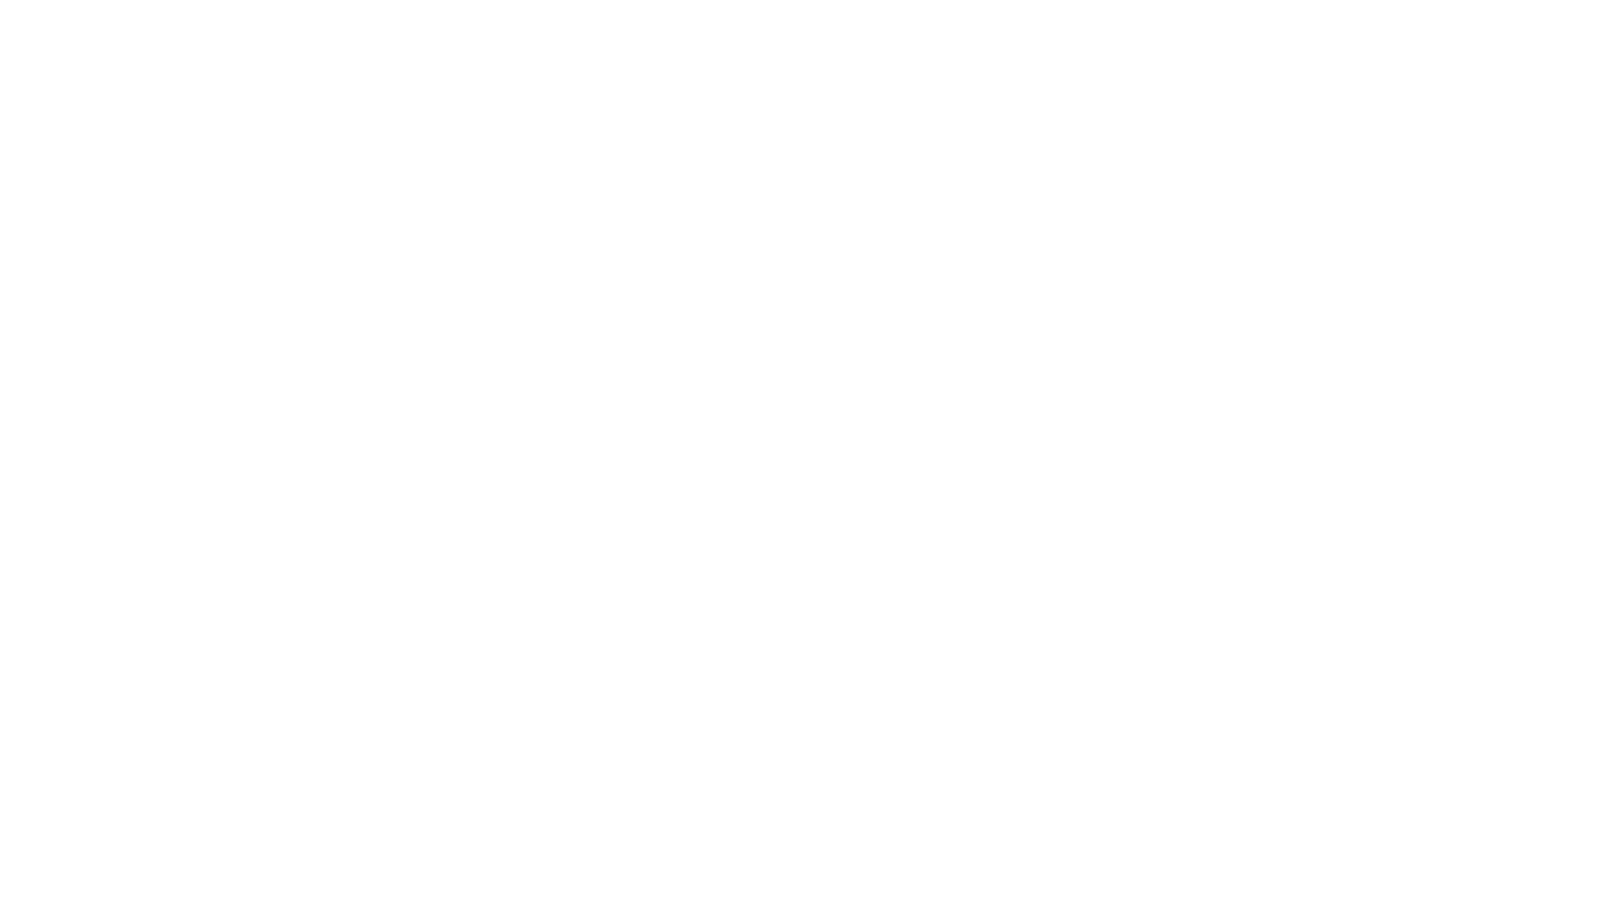 Vinteren ser ud til at have sluppet sit tag og jorden er atter igen klar til at blive dyrket. Jeg går en travl tid i møde og i videoen vil jeg fortælle lidt om mine projekter for de næste par uger. Tak fordi at du kigger med, det er dejligt 💚  Du kan finde frø, jord, mycelium, og market garden udstyr og meget andet til haven https://www.okotopen.dk/shoppen/  Se flere tips på: Instagram @okotopen.dk  Velkommen til 💚